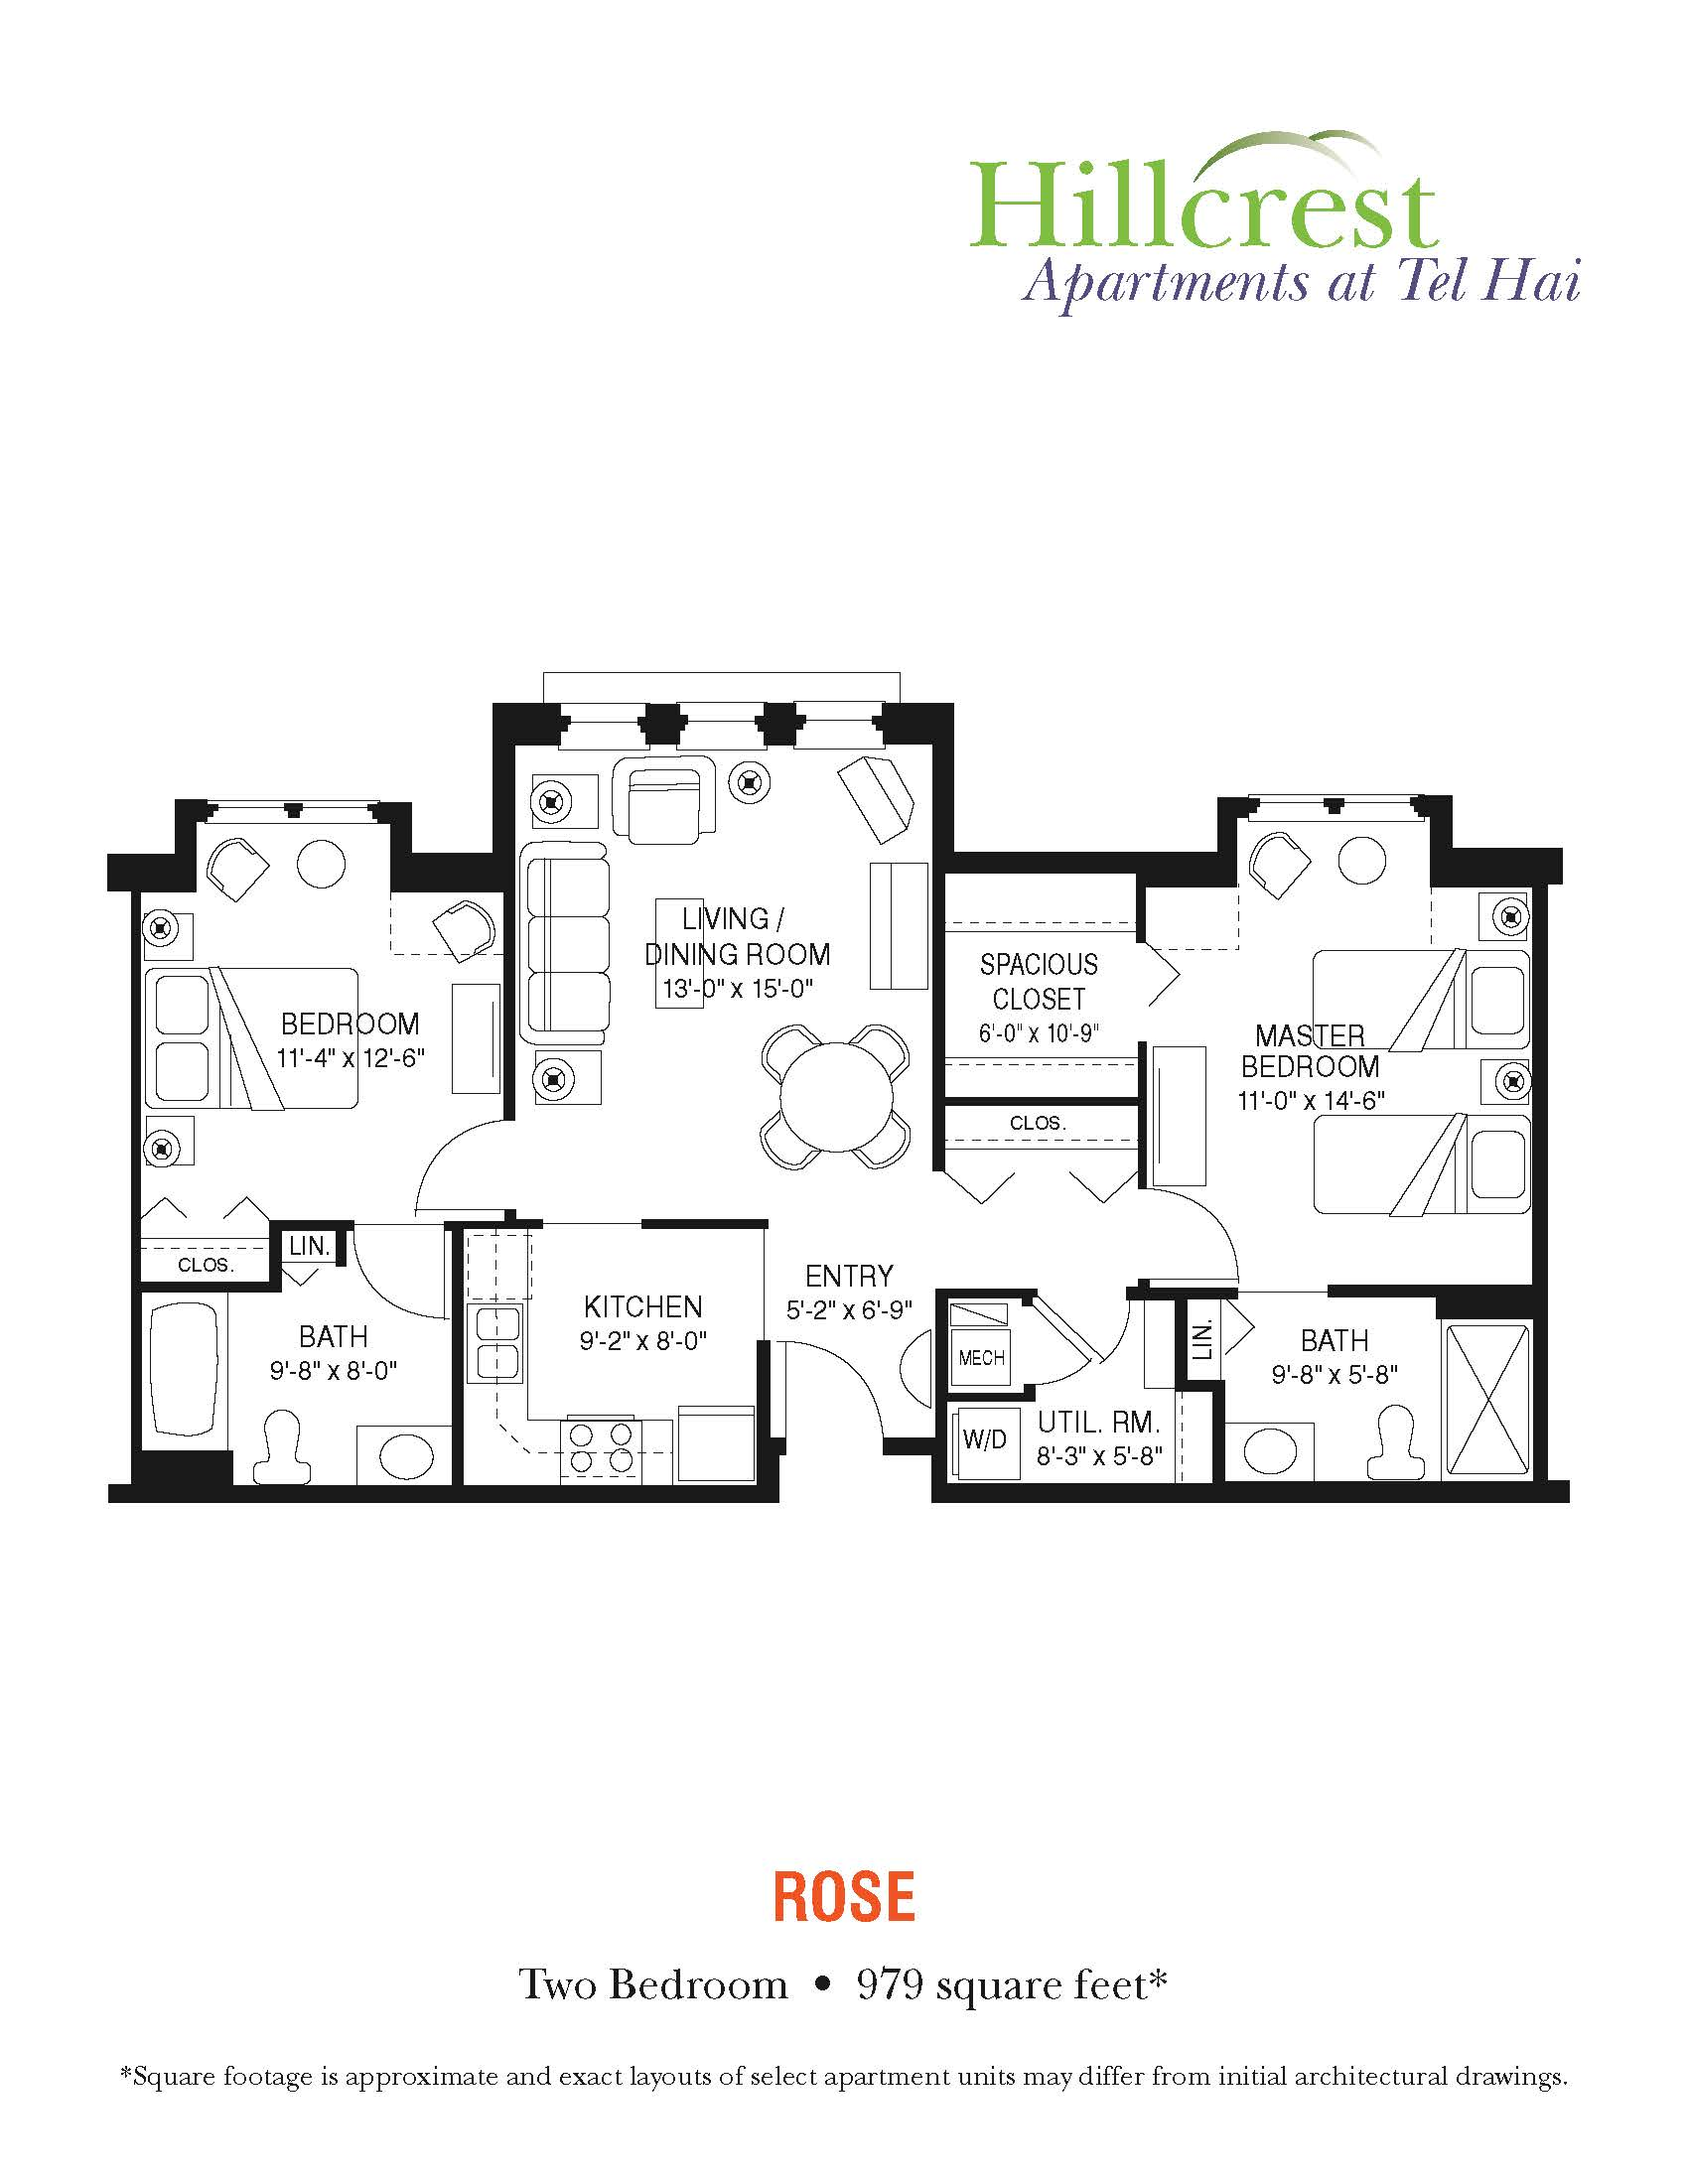 Rose Apartment at Tel Hai